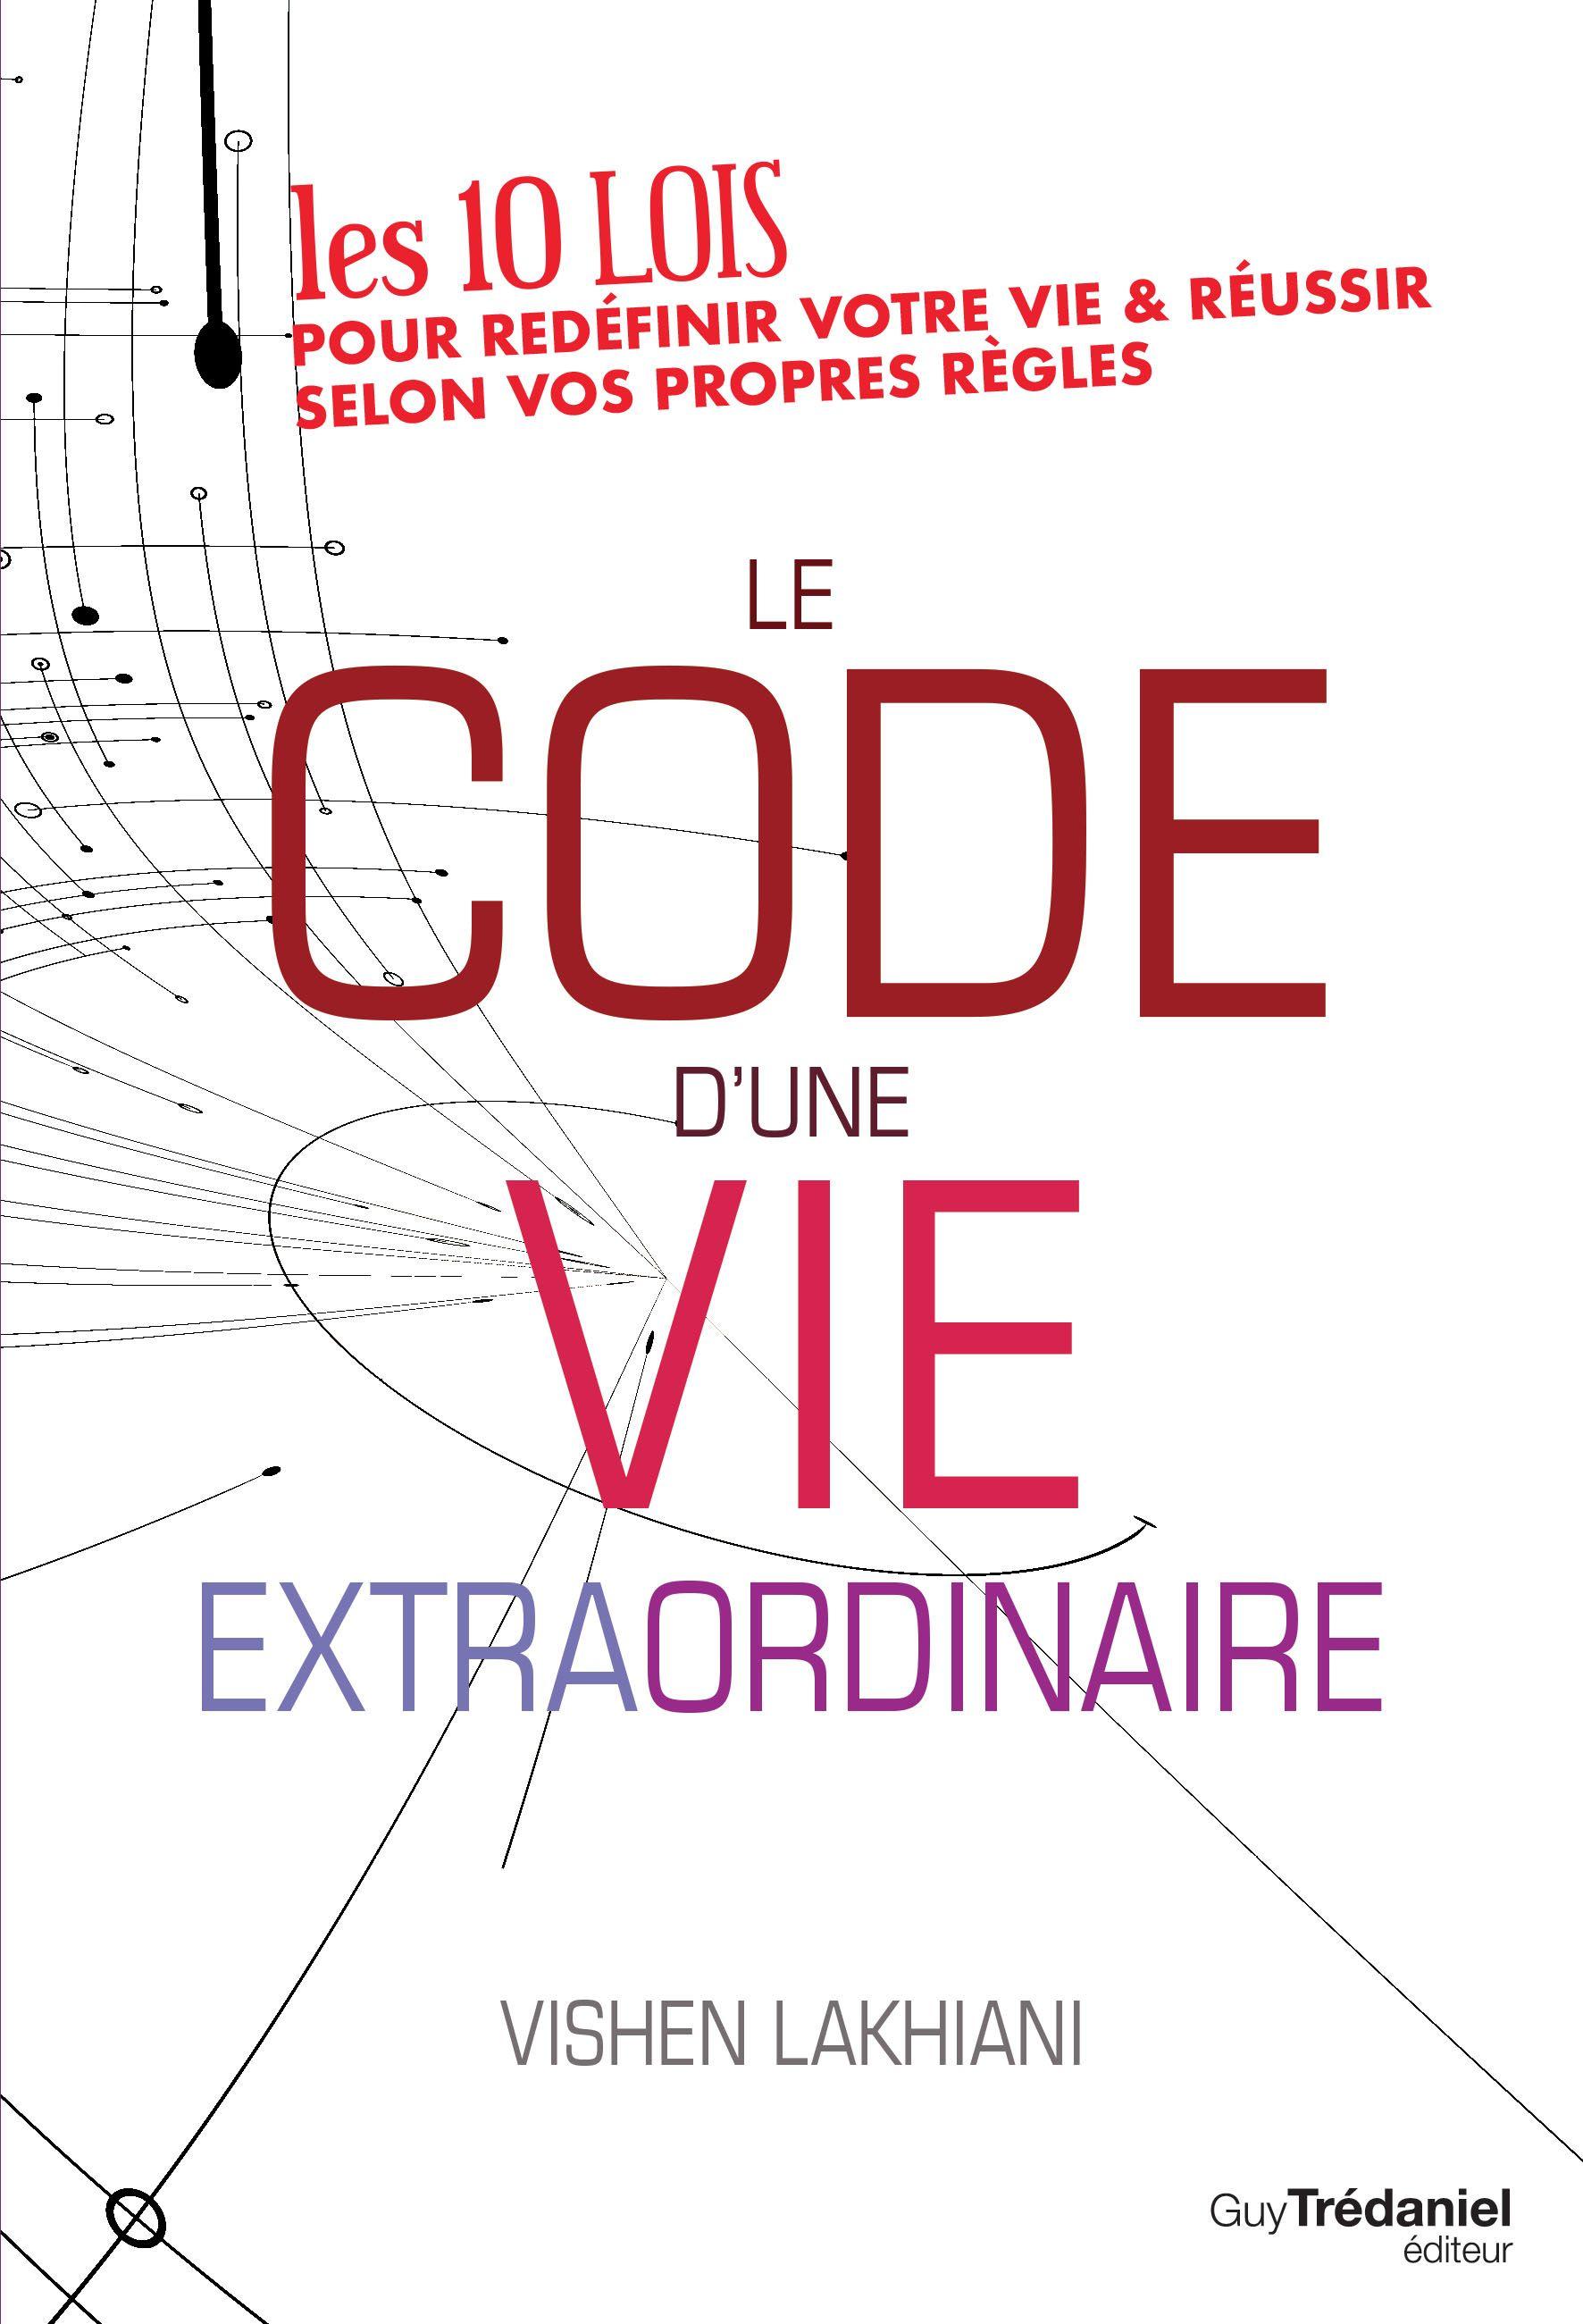 Le code d'une vie extraordinaire (avec images